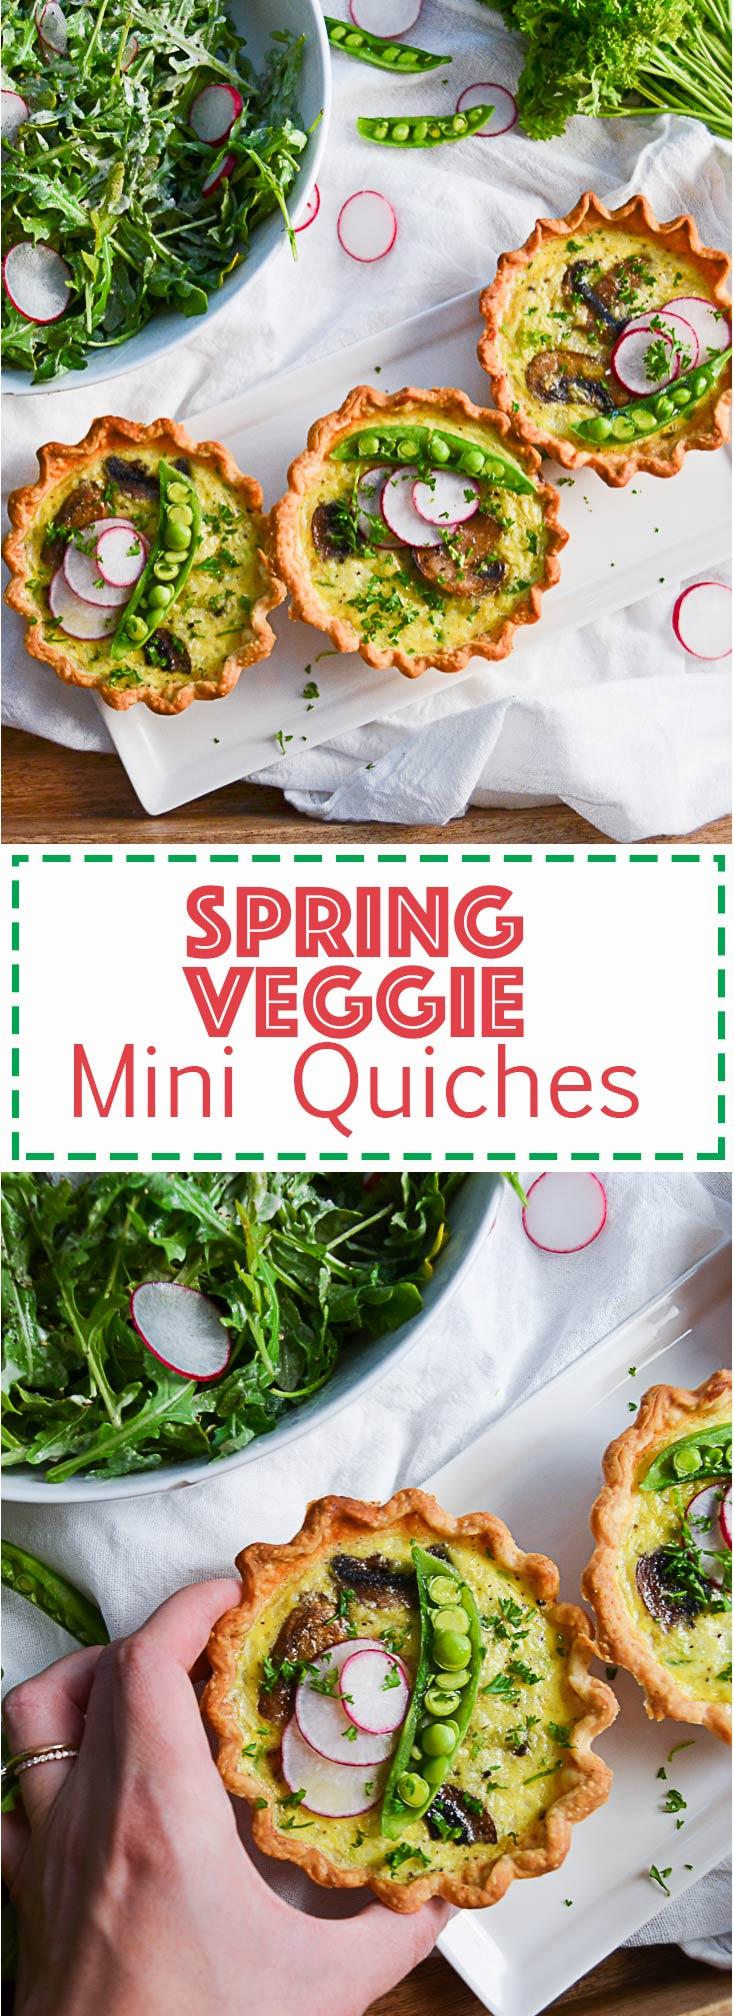 Spring-Veggie-Mini-Quiche's.jpg